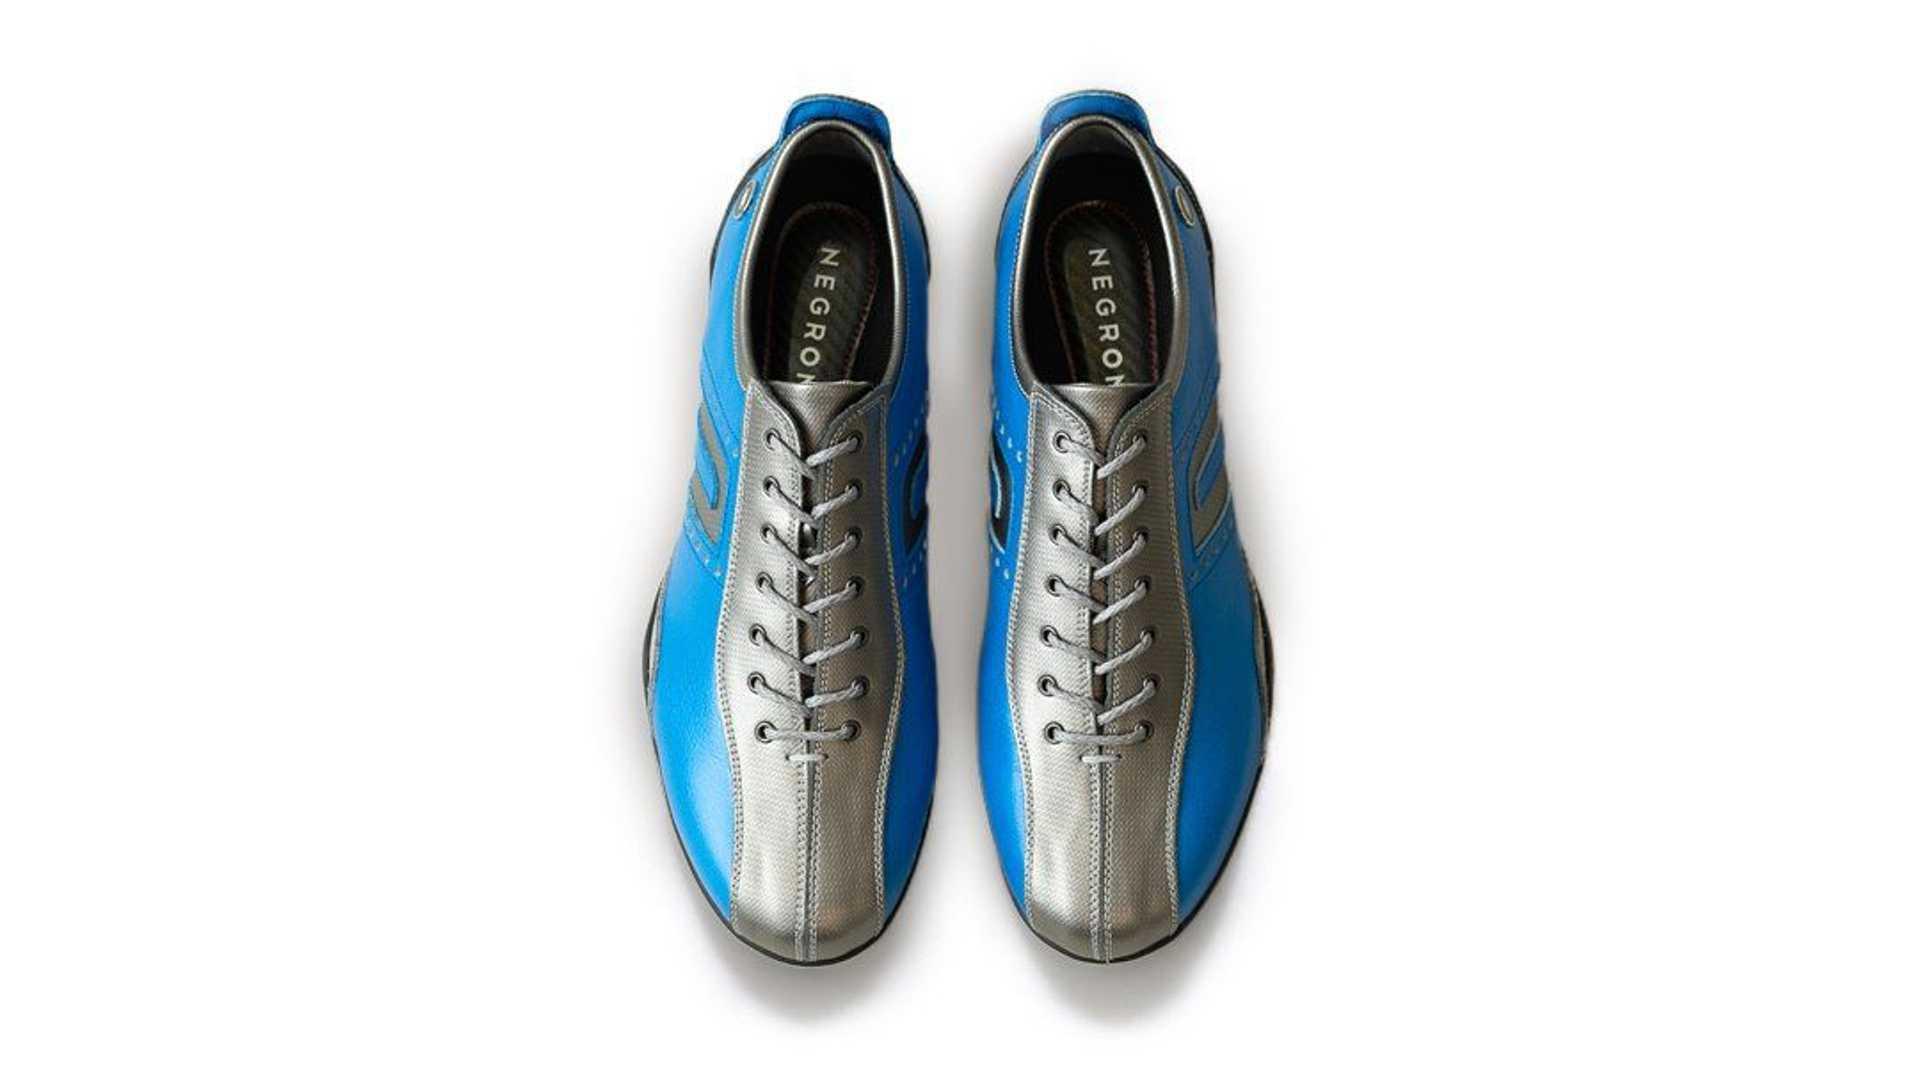 Negroni_Idea_Corsa-Nissan_Z_Shoes-0003